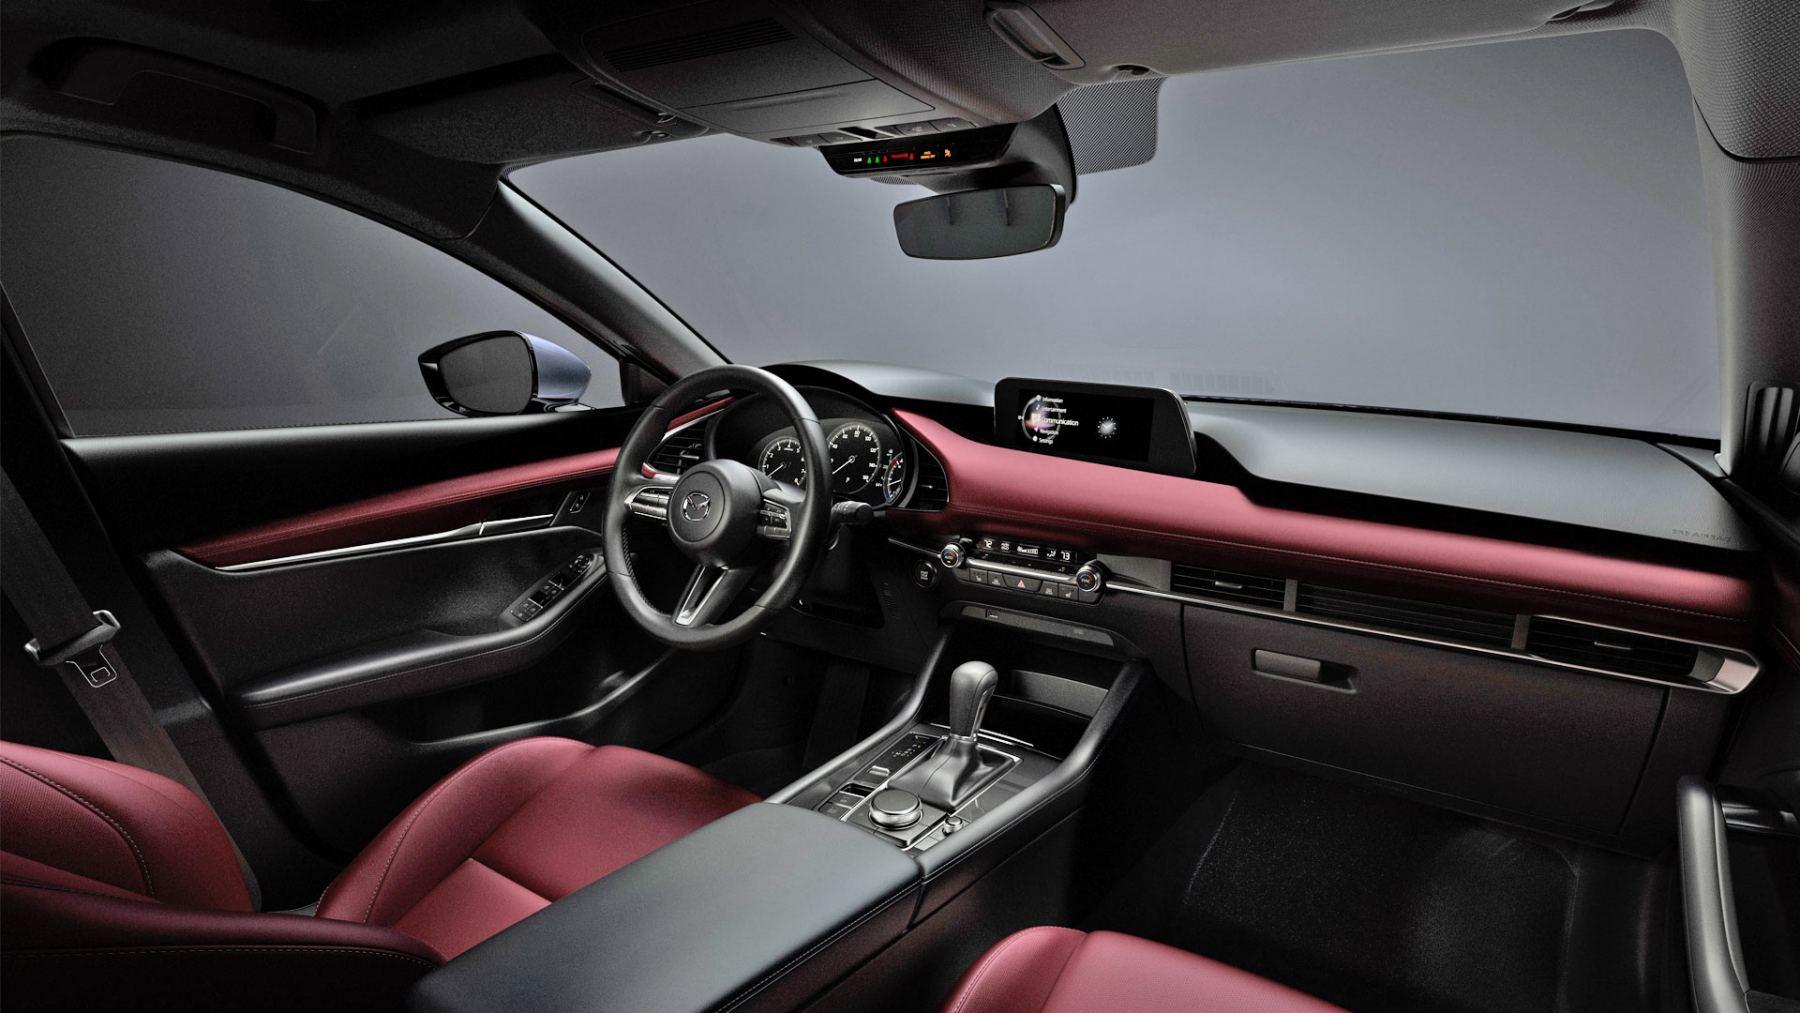 2019-Mazda-3-Interior.jpg